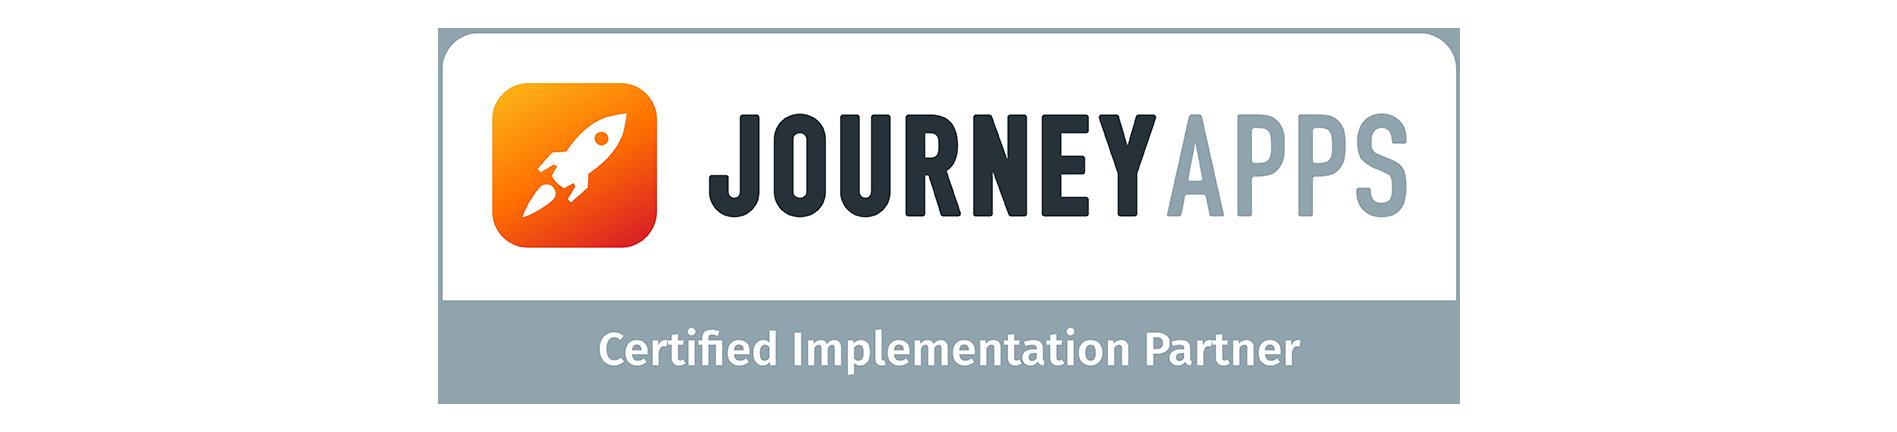 journeyapps-logo